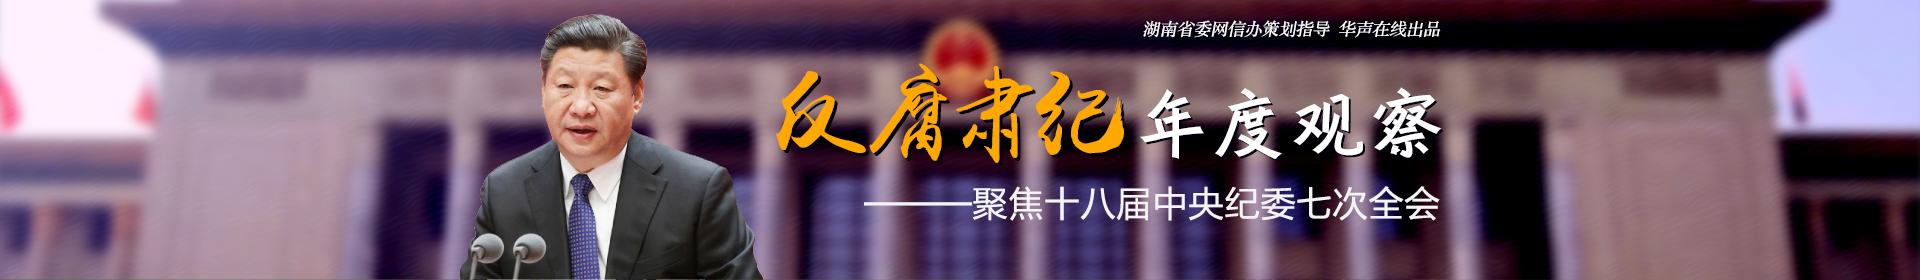 反腐肃纪年度观察――聚焦十八届中央纪委七次全会